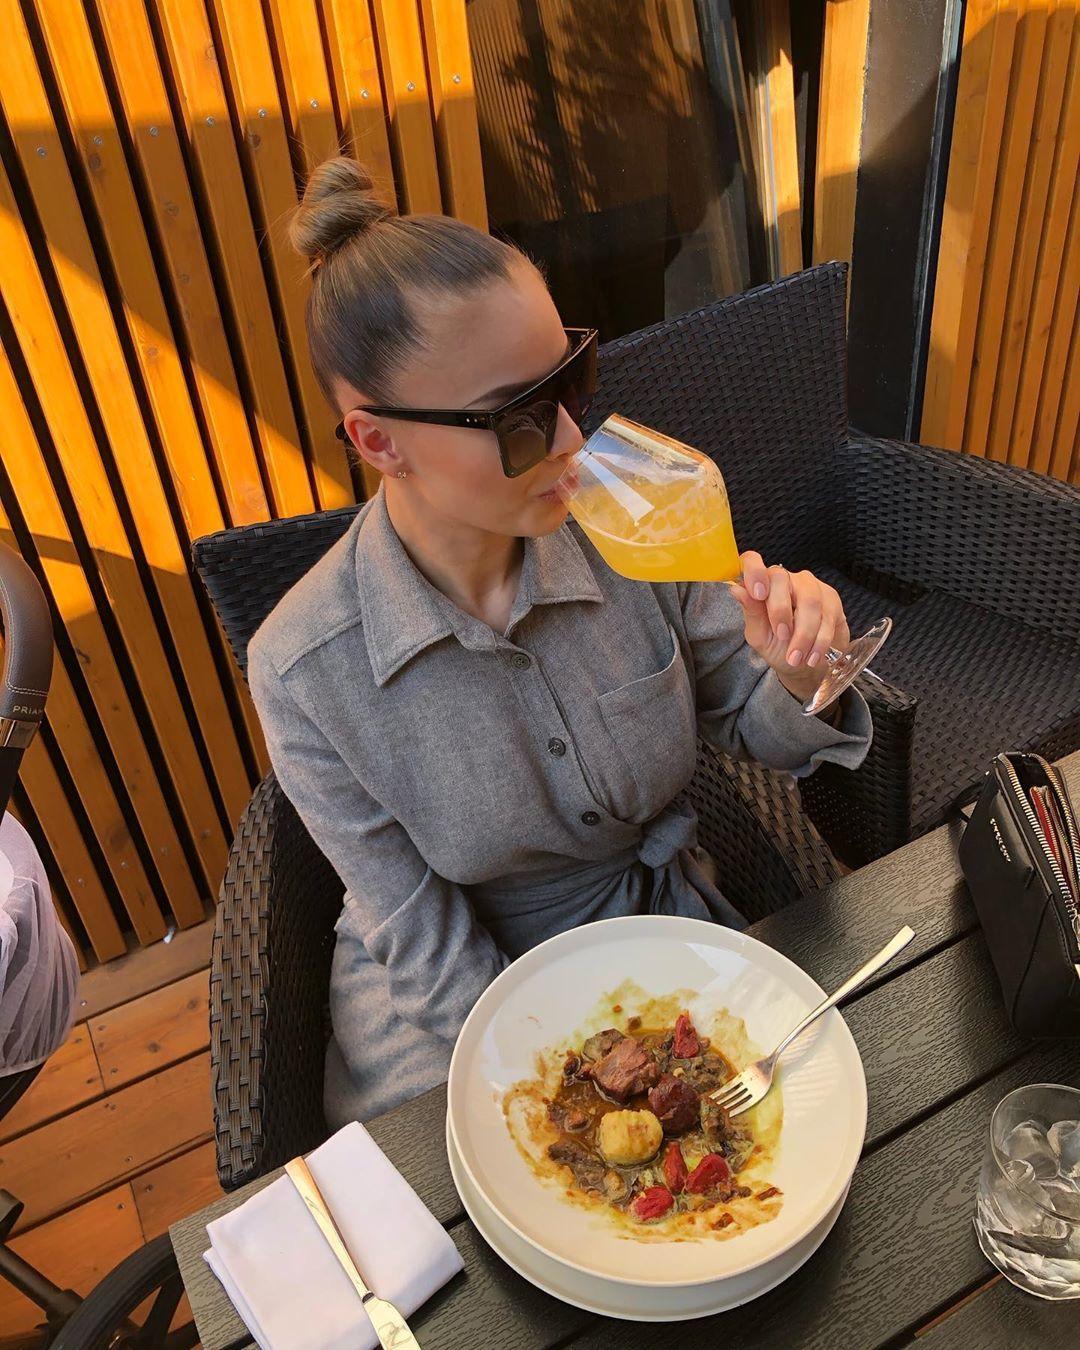 Nevyspaná Bagárová se kryje slunečními brýlemi